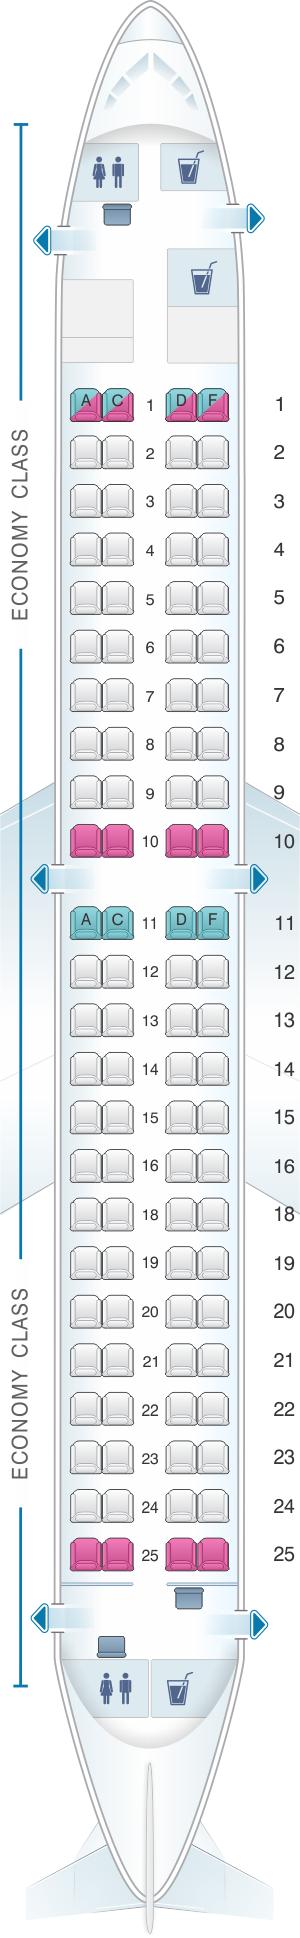 Seat Map Finnair Embraer Emb 190